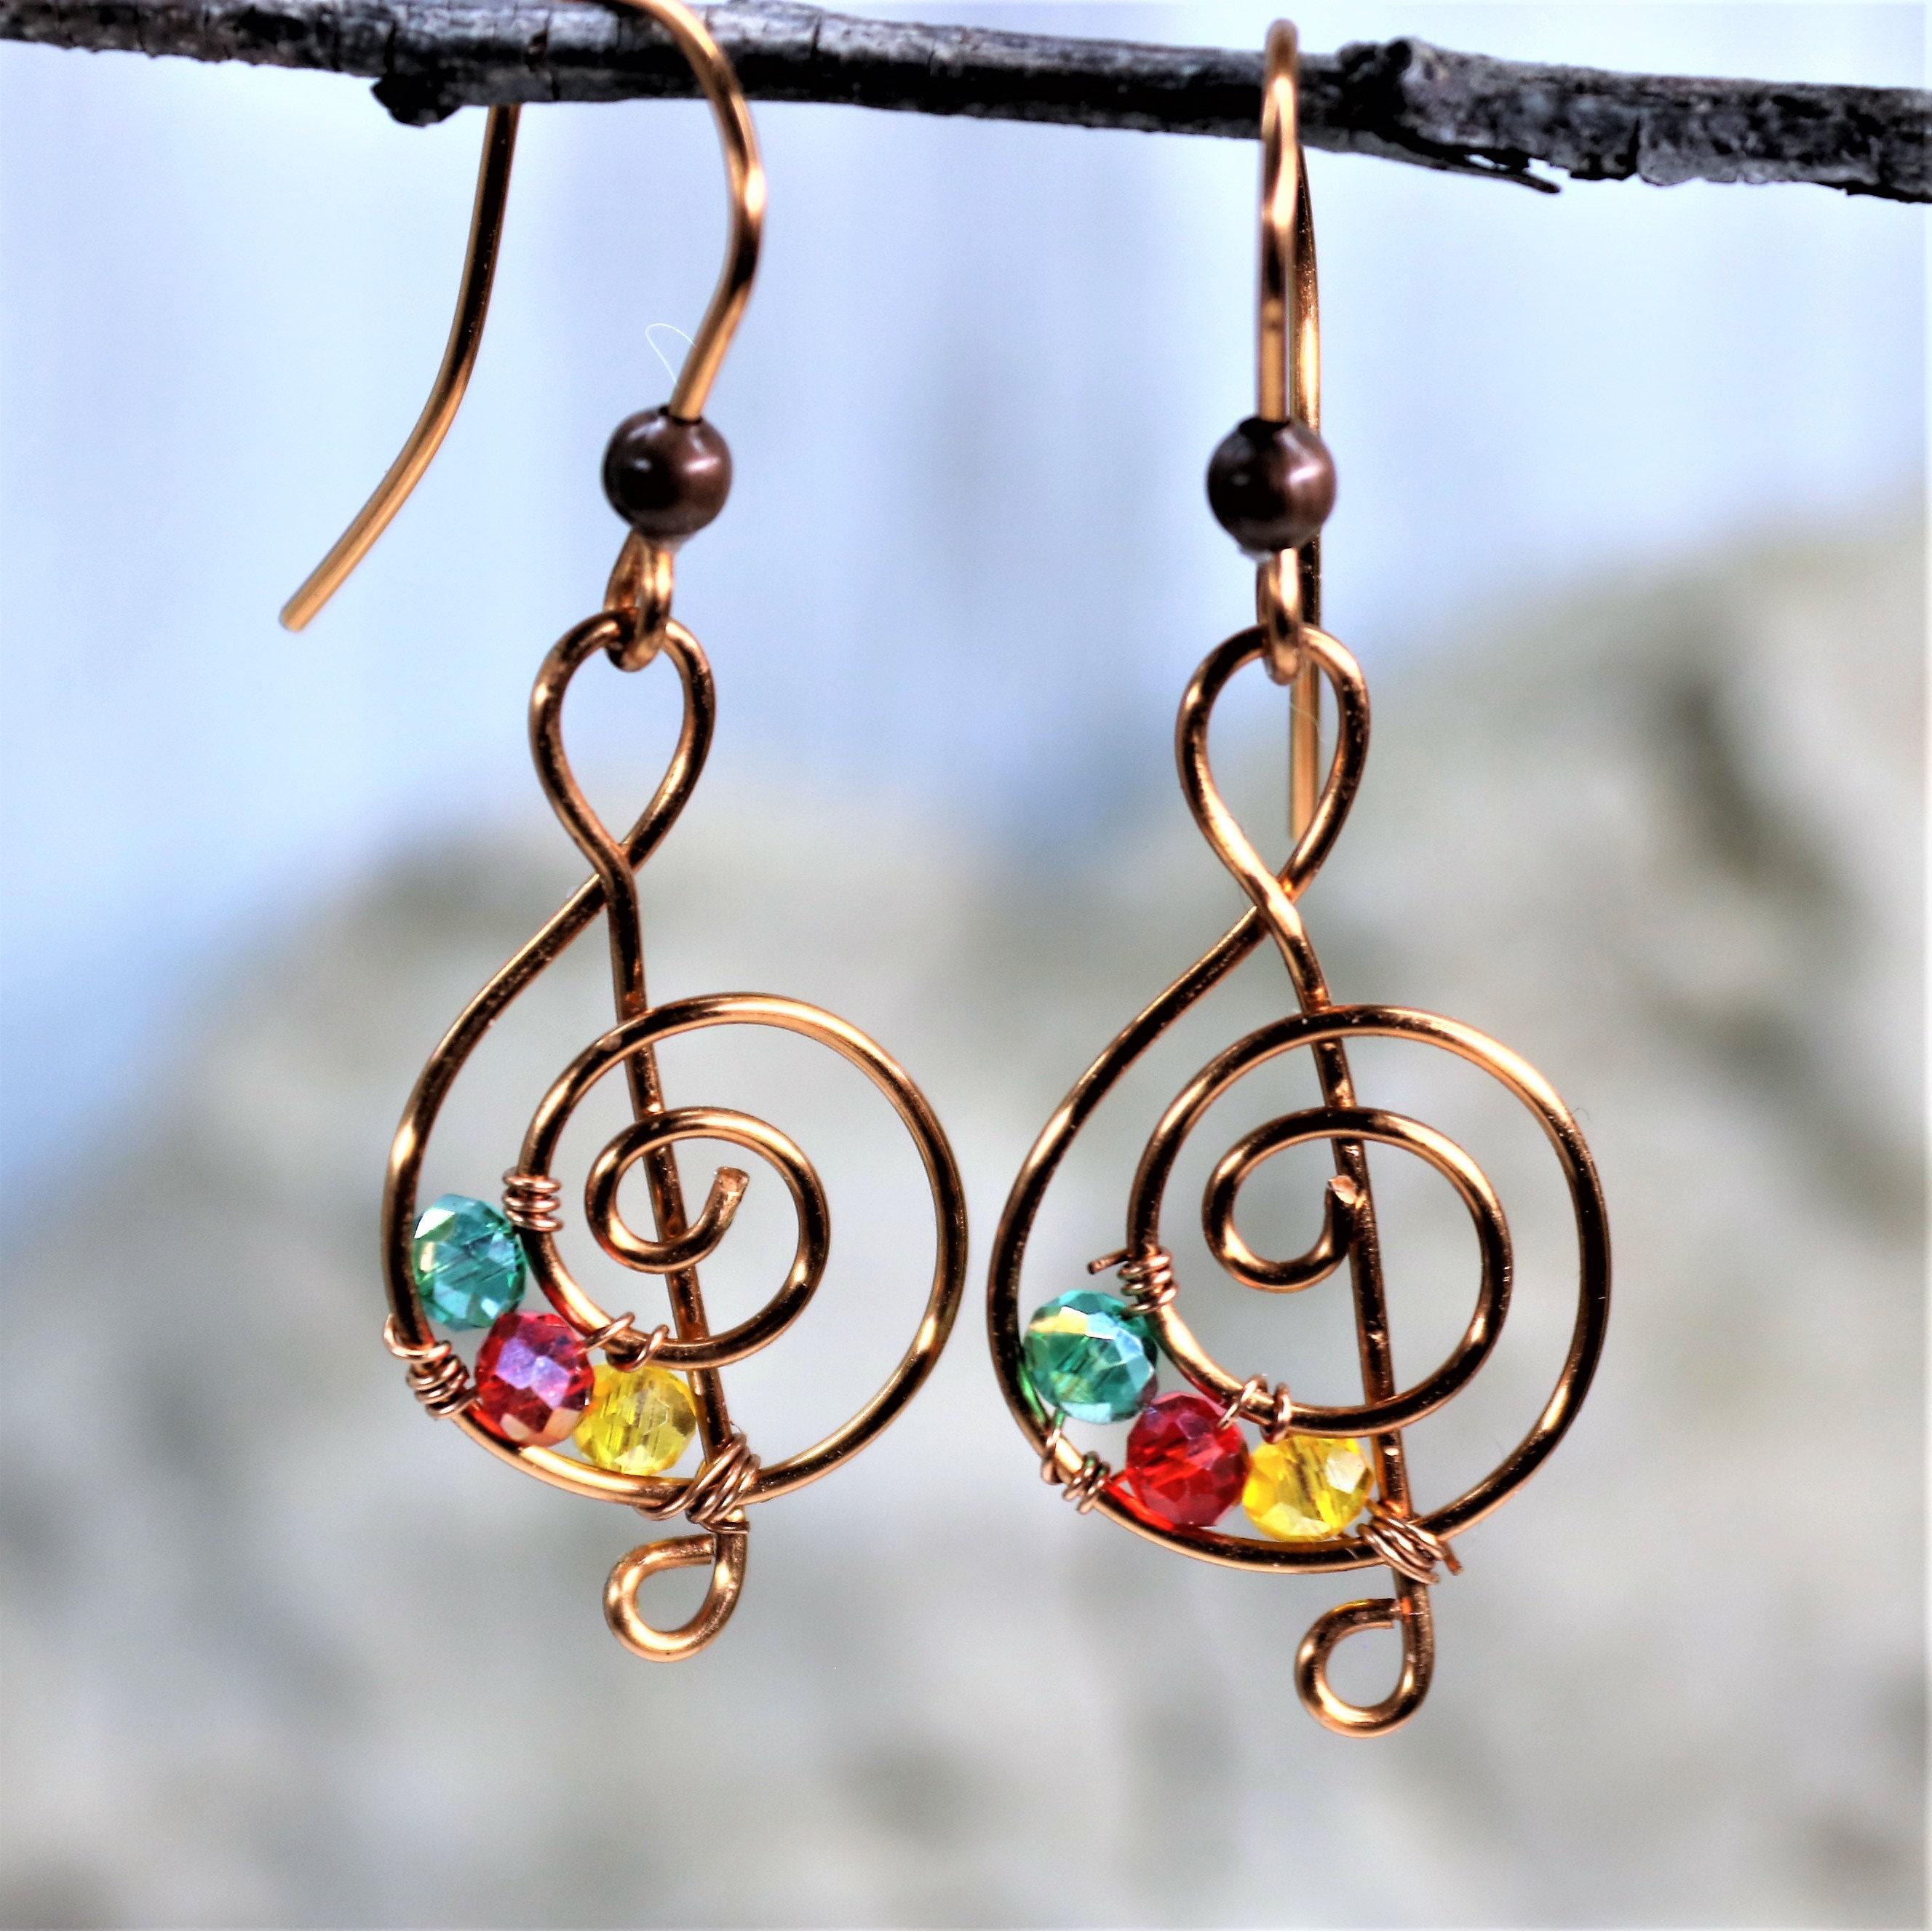 handmade beaded earrings gifts for her earrings for women gifts for women Beaded earrings copper earrings beaded jewelry art jewelry